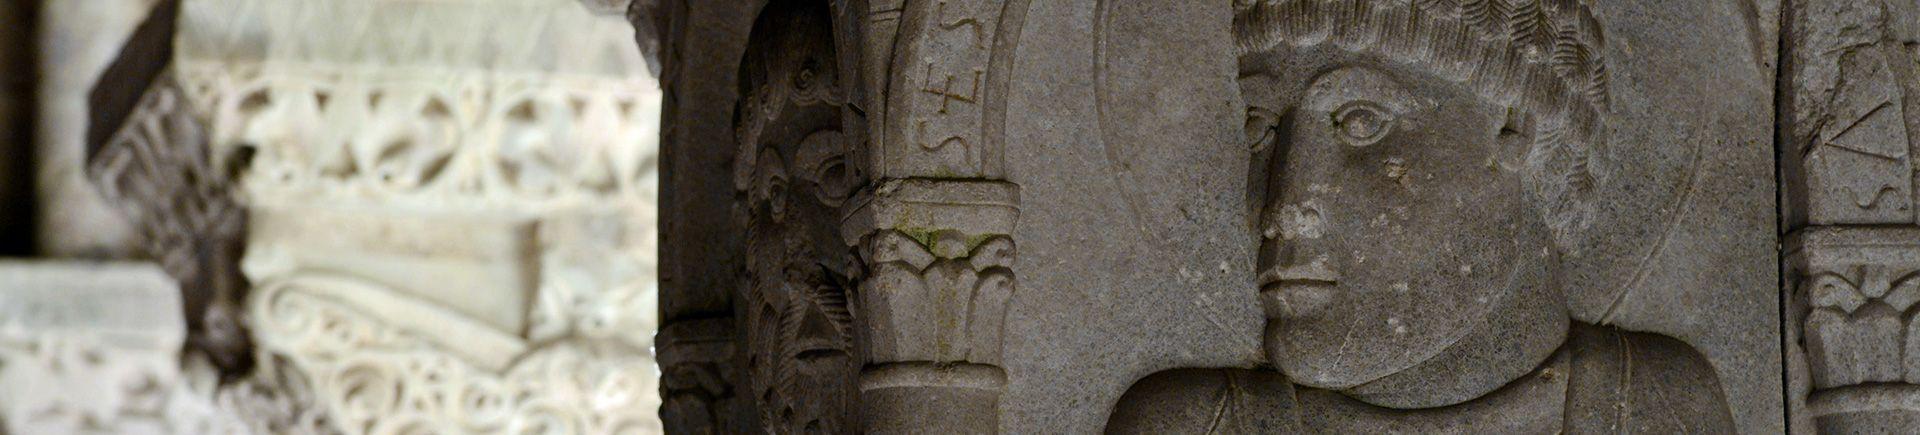 Détail chapiteau - Cloître de l'abbaye de Moissac